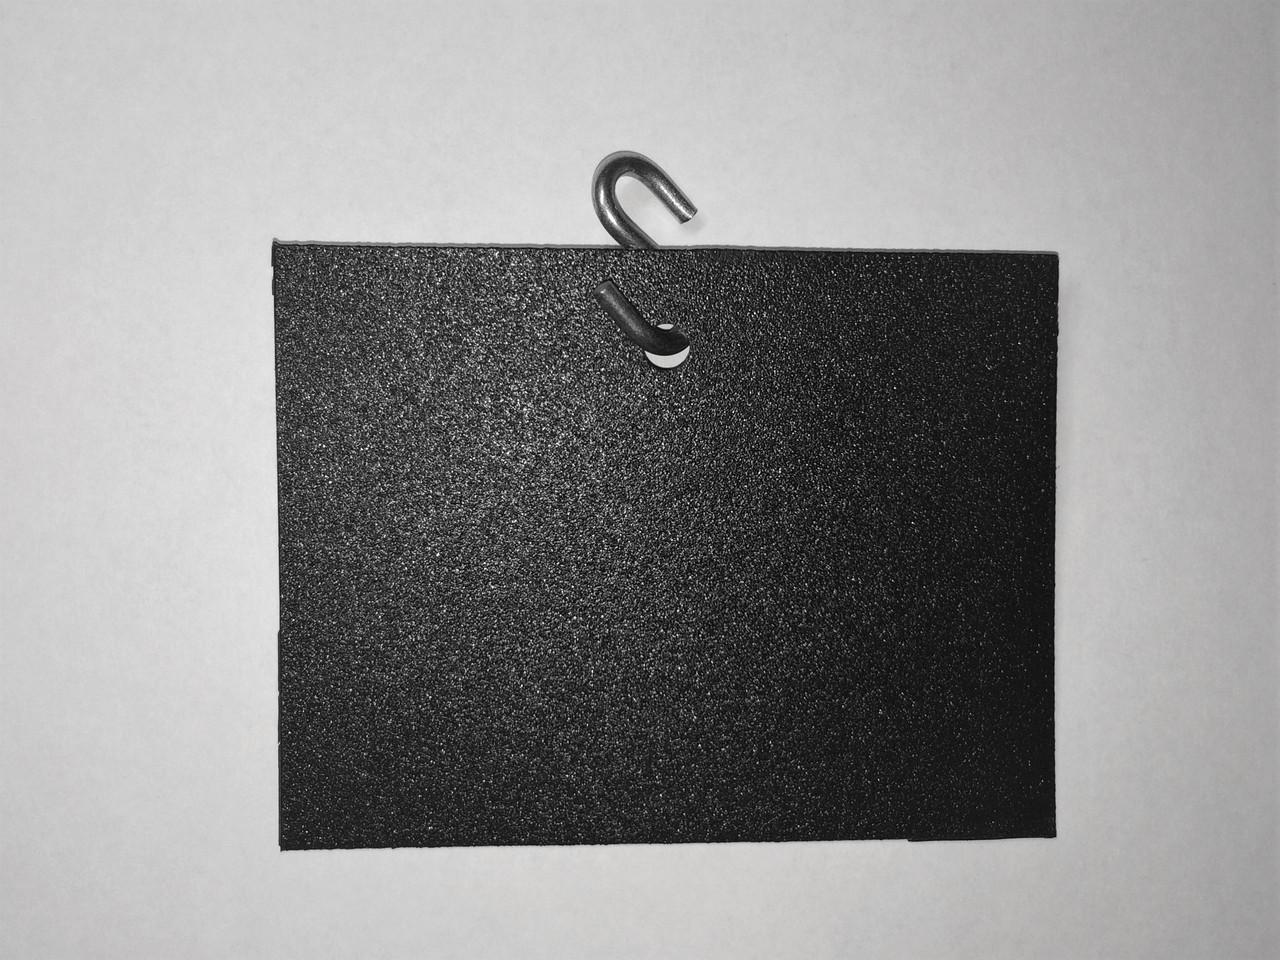 Ценник подвесной 5х7 см s-образным крючком меловой. Грифельная табличка. Для мела и мелового маркера